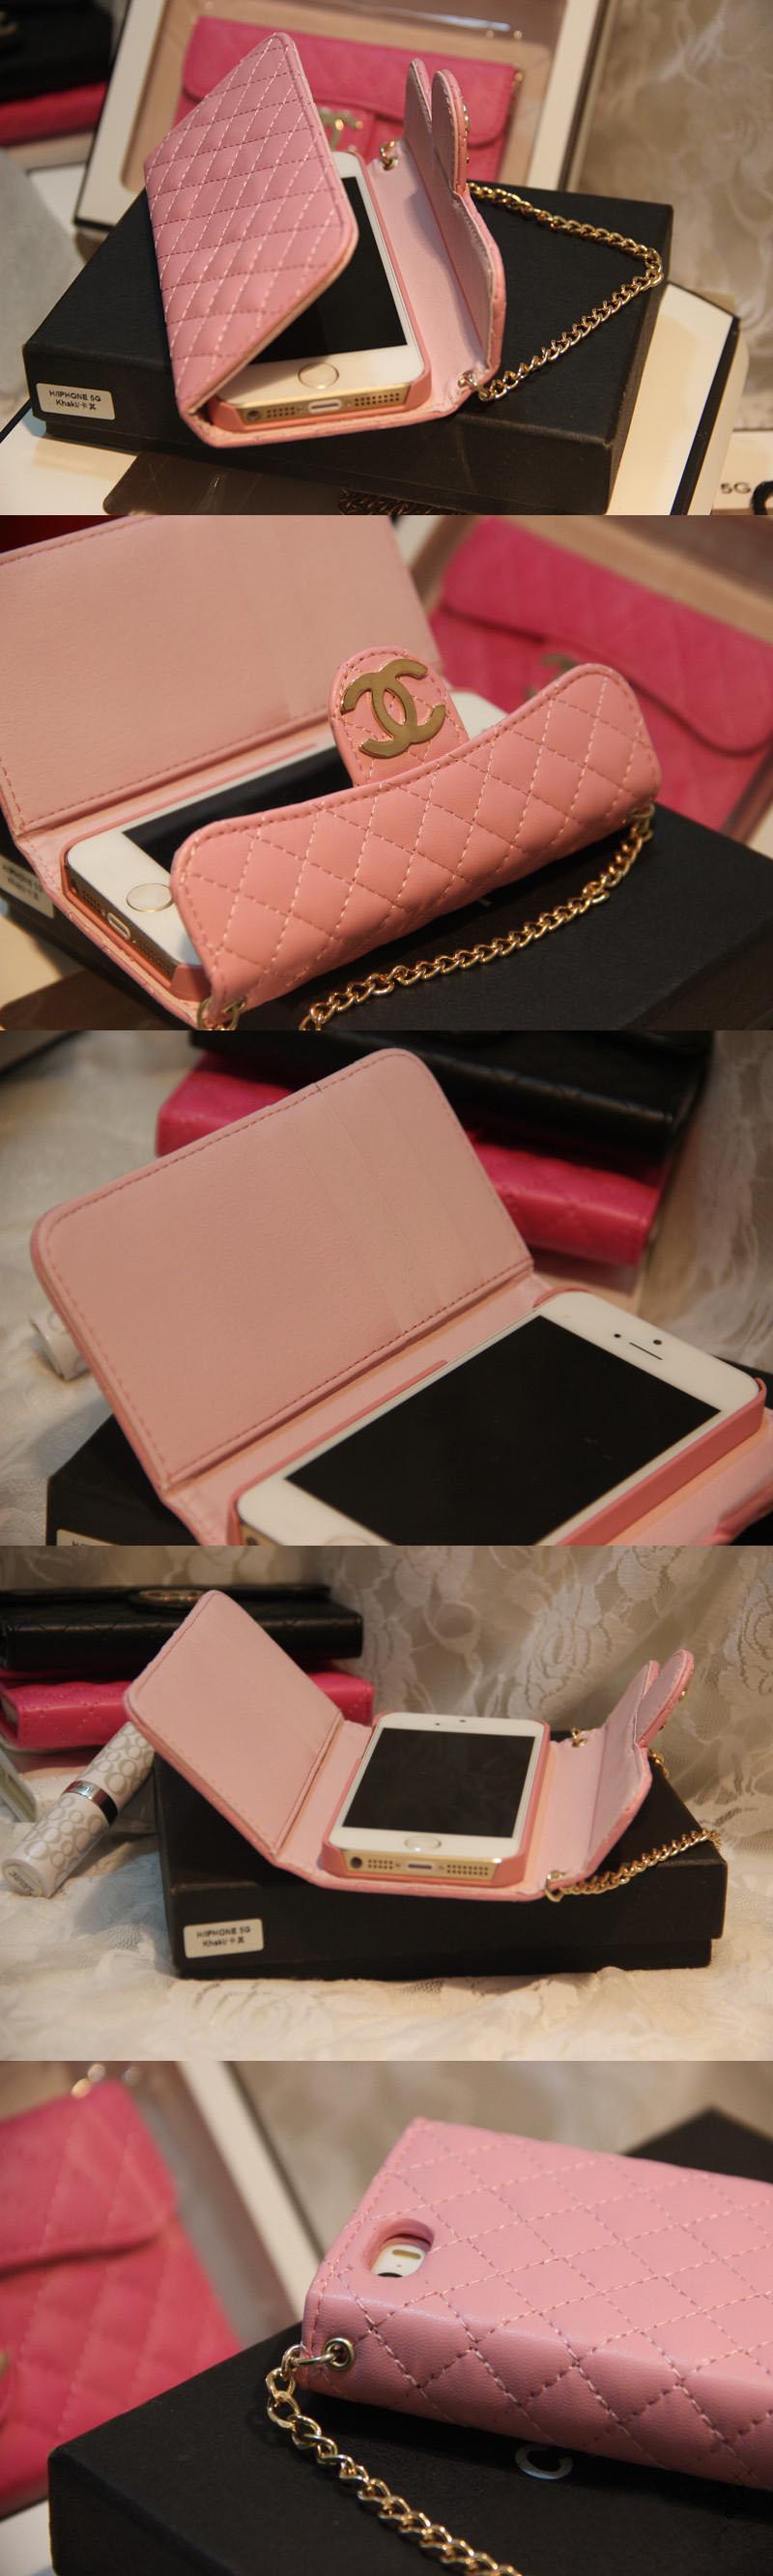 design case for iphone 6 Plus iphone 6 Plus protective case fashion iphone6 plus case iphone 6 cell phone covers iphone s cases make own iphone case case pack personalized phone cases iphone 6 iphone 6 and cases